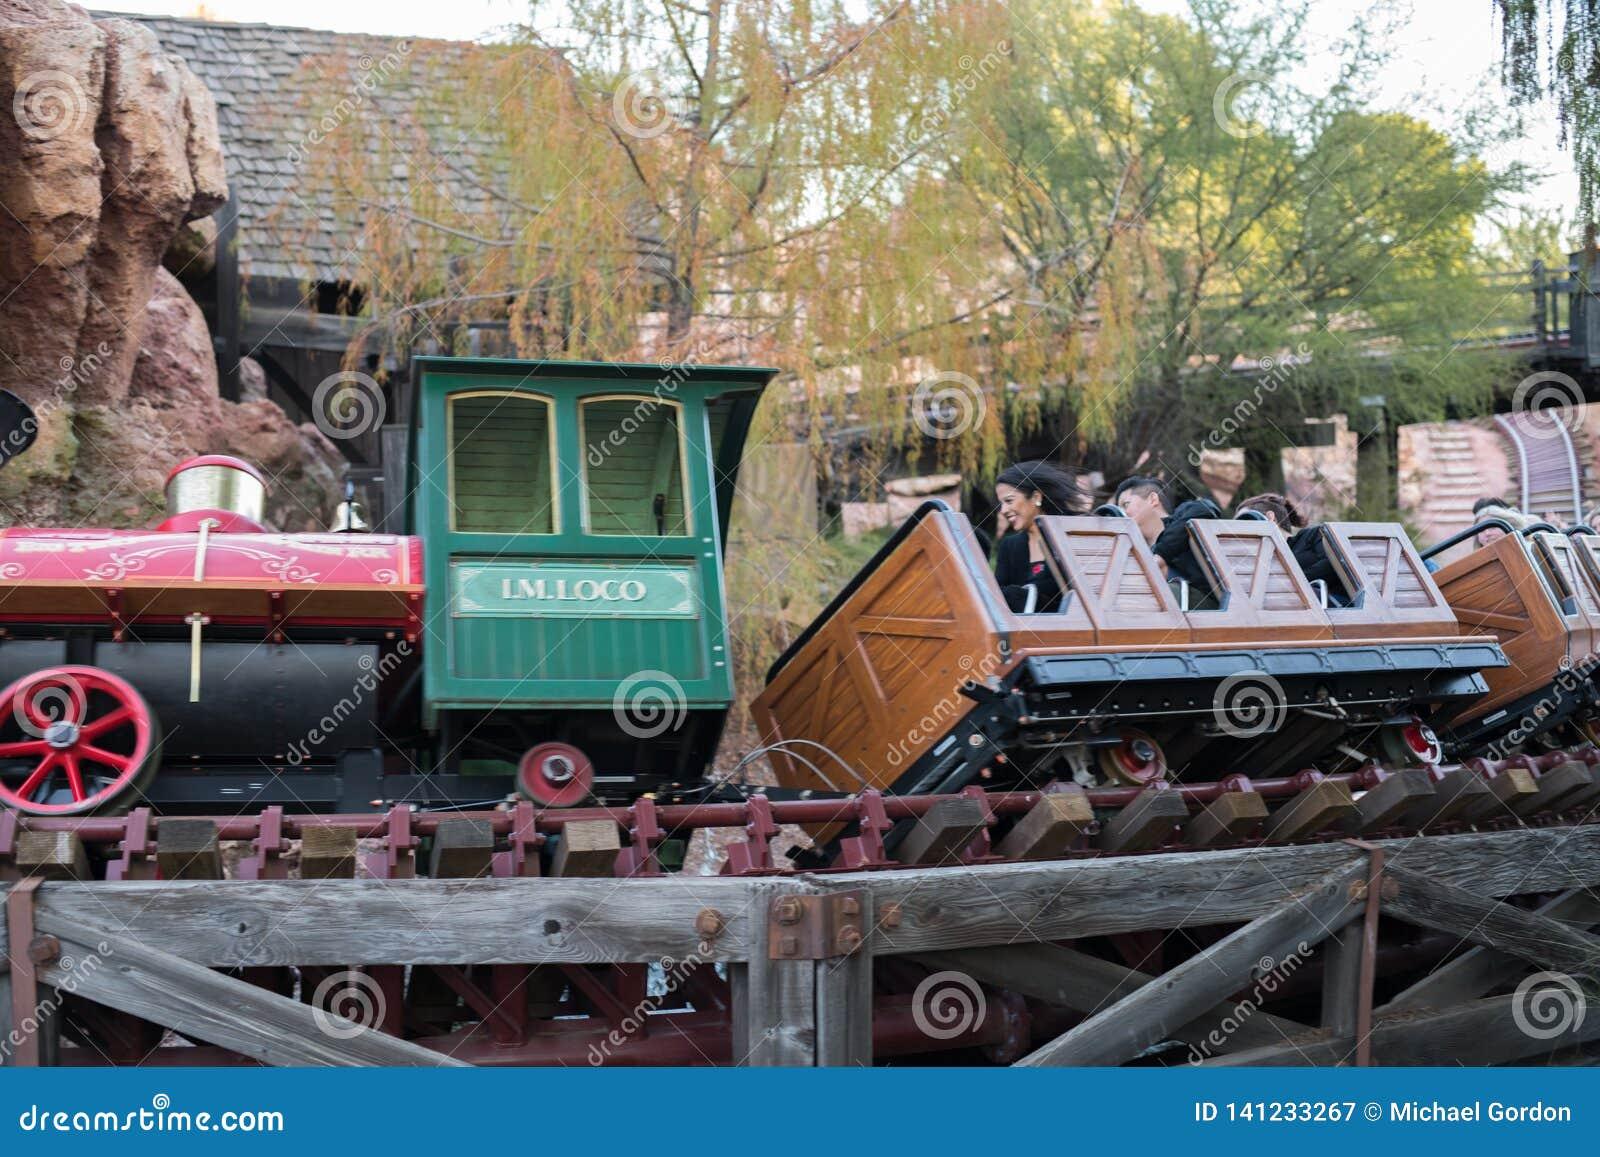 Parque temático de Disneyland Resort em Anaheim, Califórnia